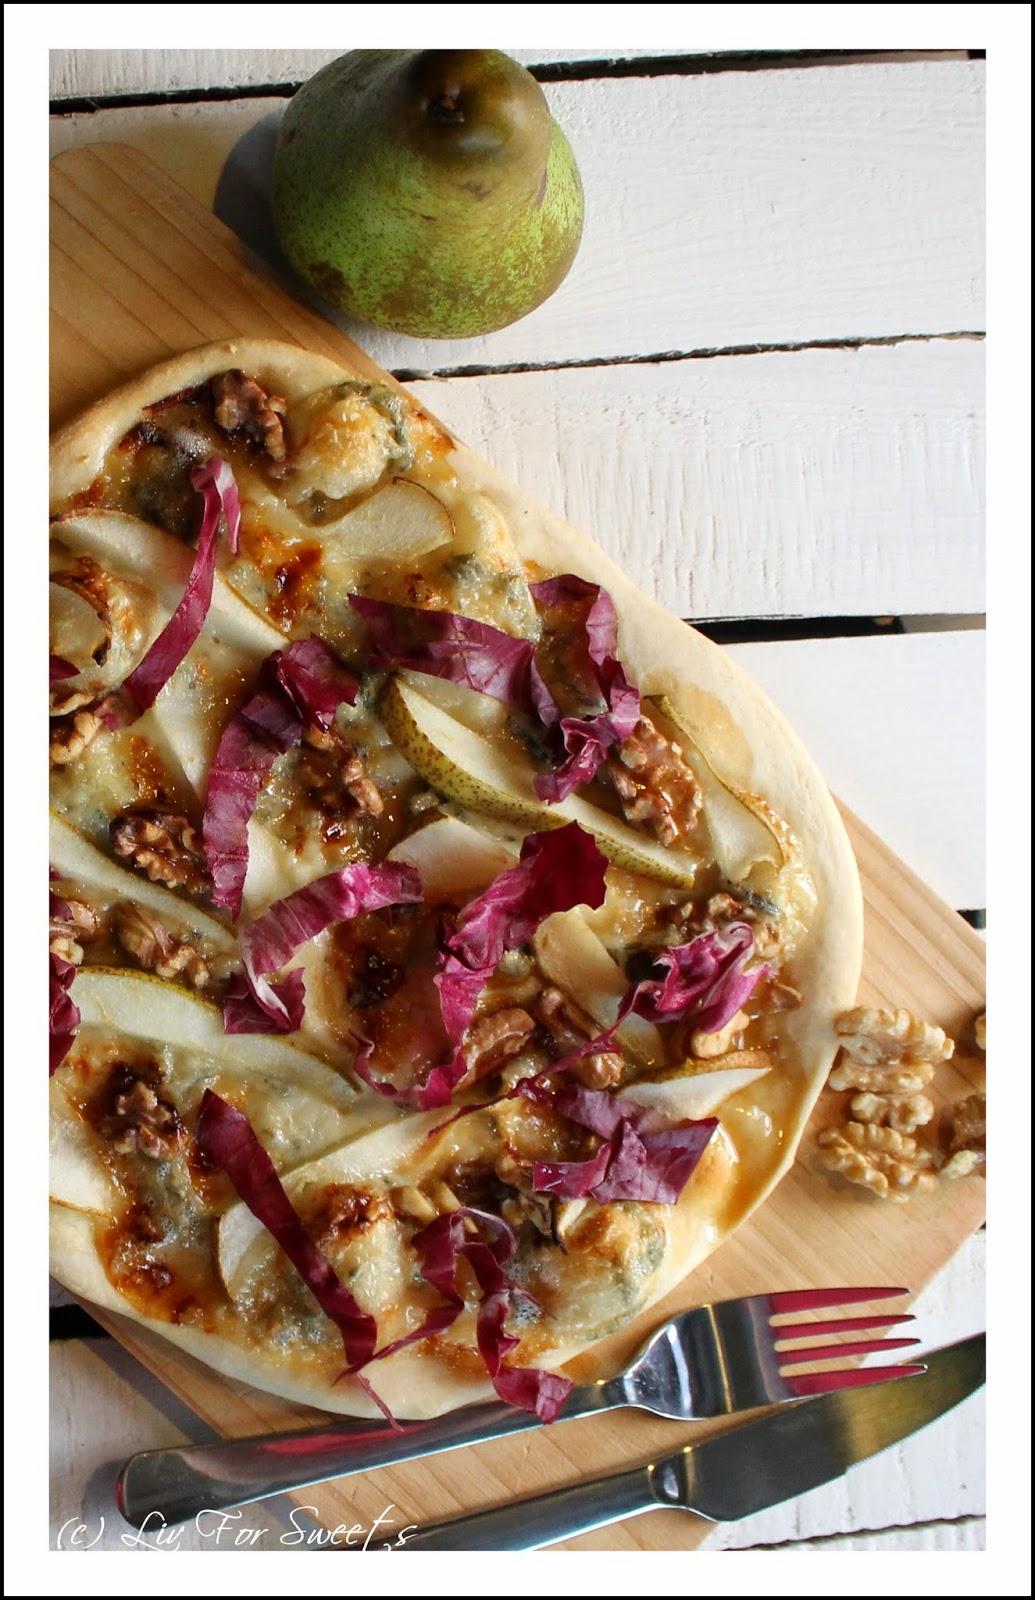 selbstgemachter Pizzateig mit Birne, Walnüssen, Gorgonzola und Honig - Rezept auch für den Thermomix